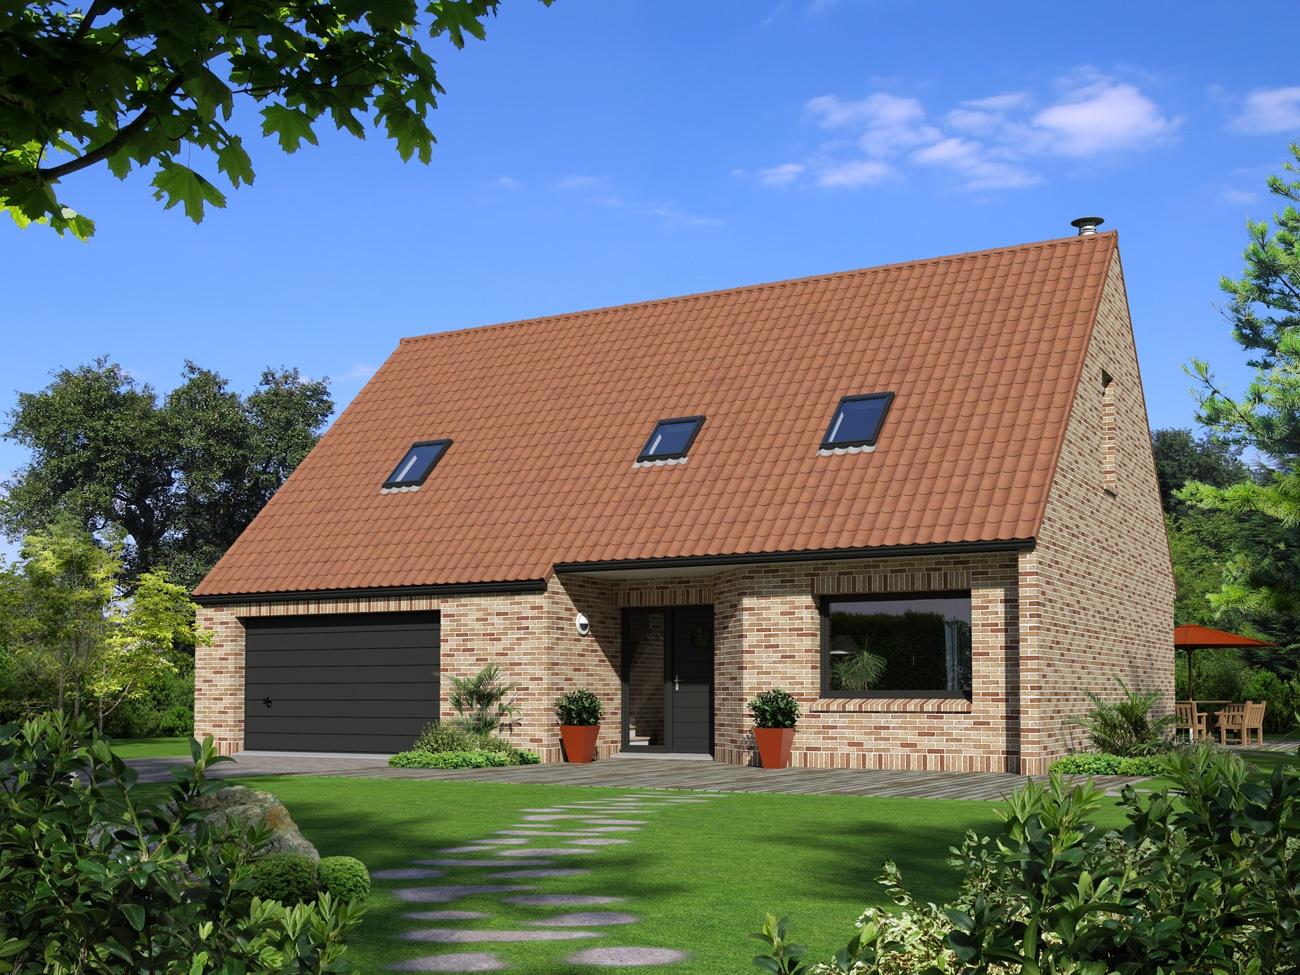 Maisons + Terrains du constructeur Maison Familiale Mazingarbe • 120 m² • TILLOY LES MOFFLAINES